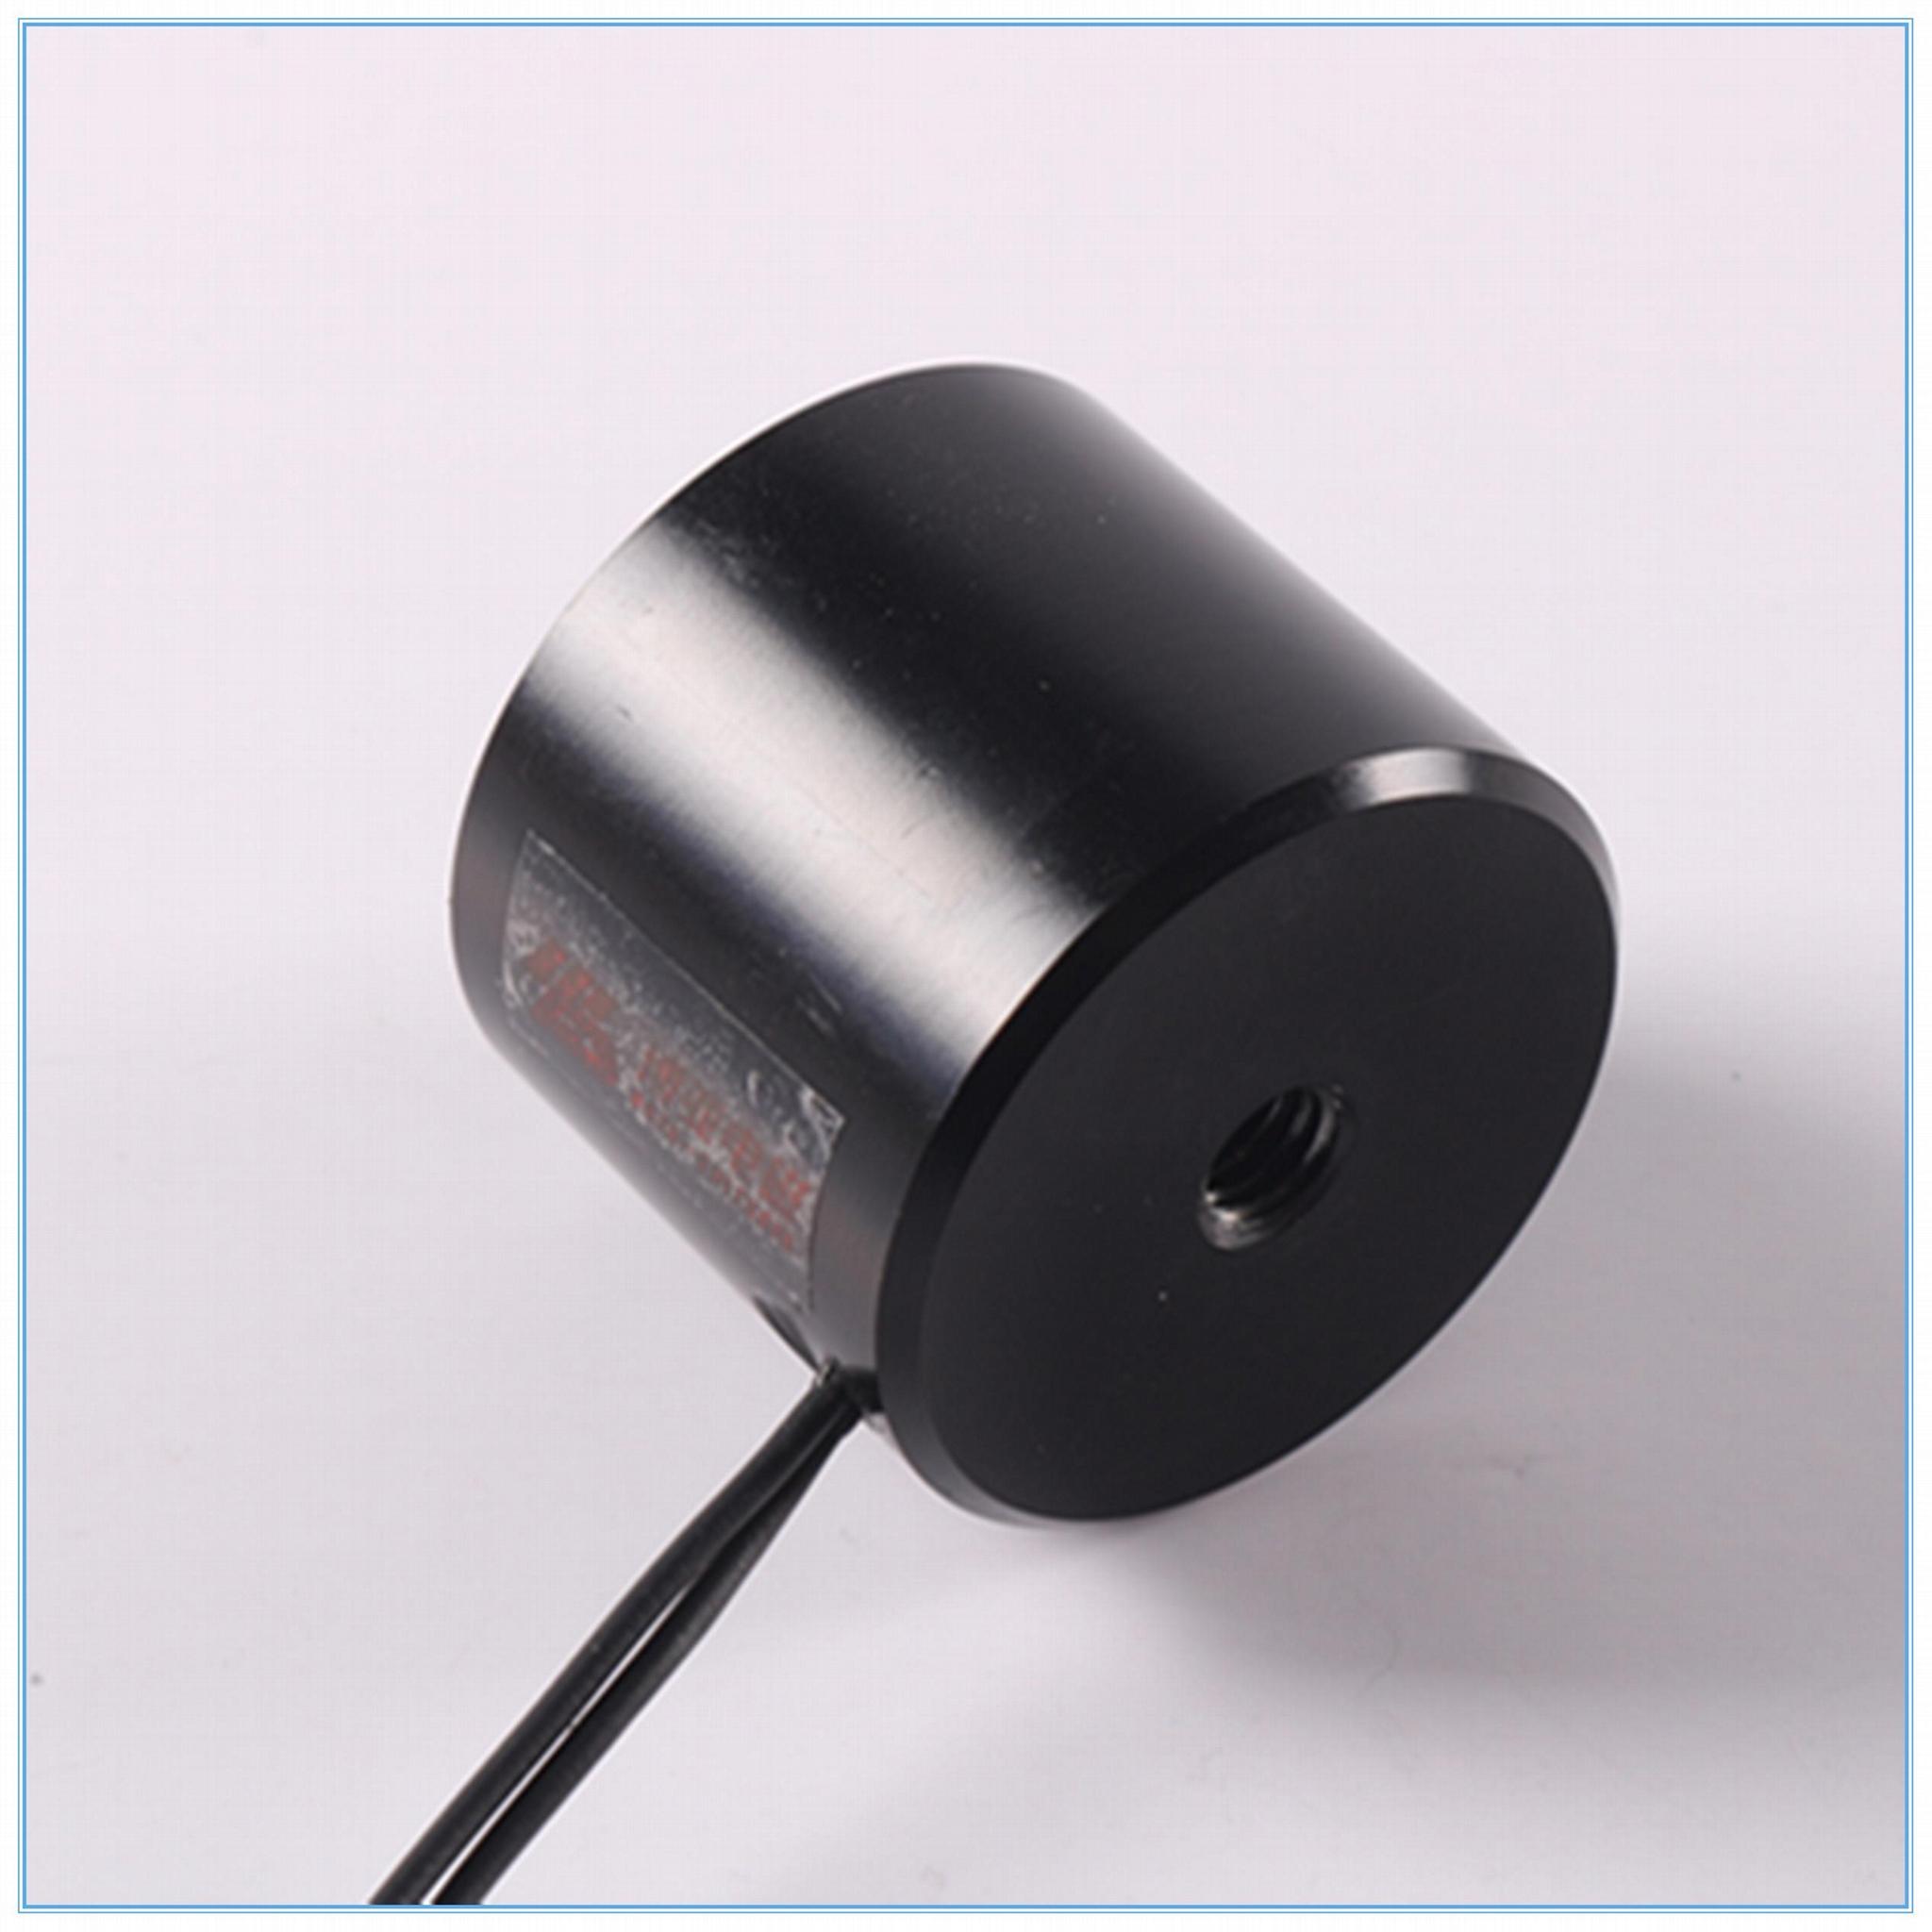 機械手專用吸盤電磁鐵BYH-3025|三棍閘機掉杆電磁鐵 1